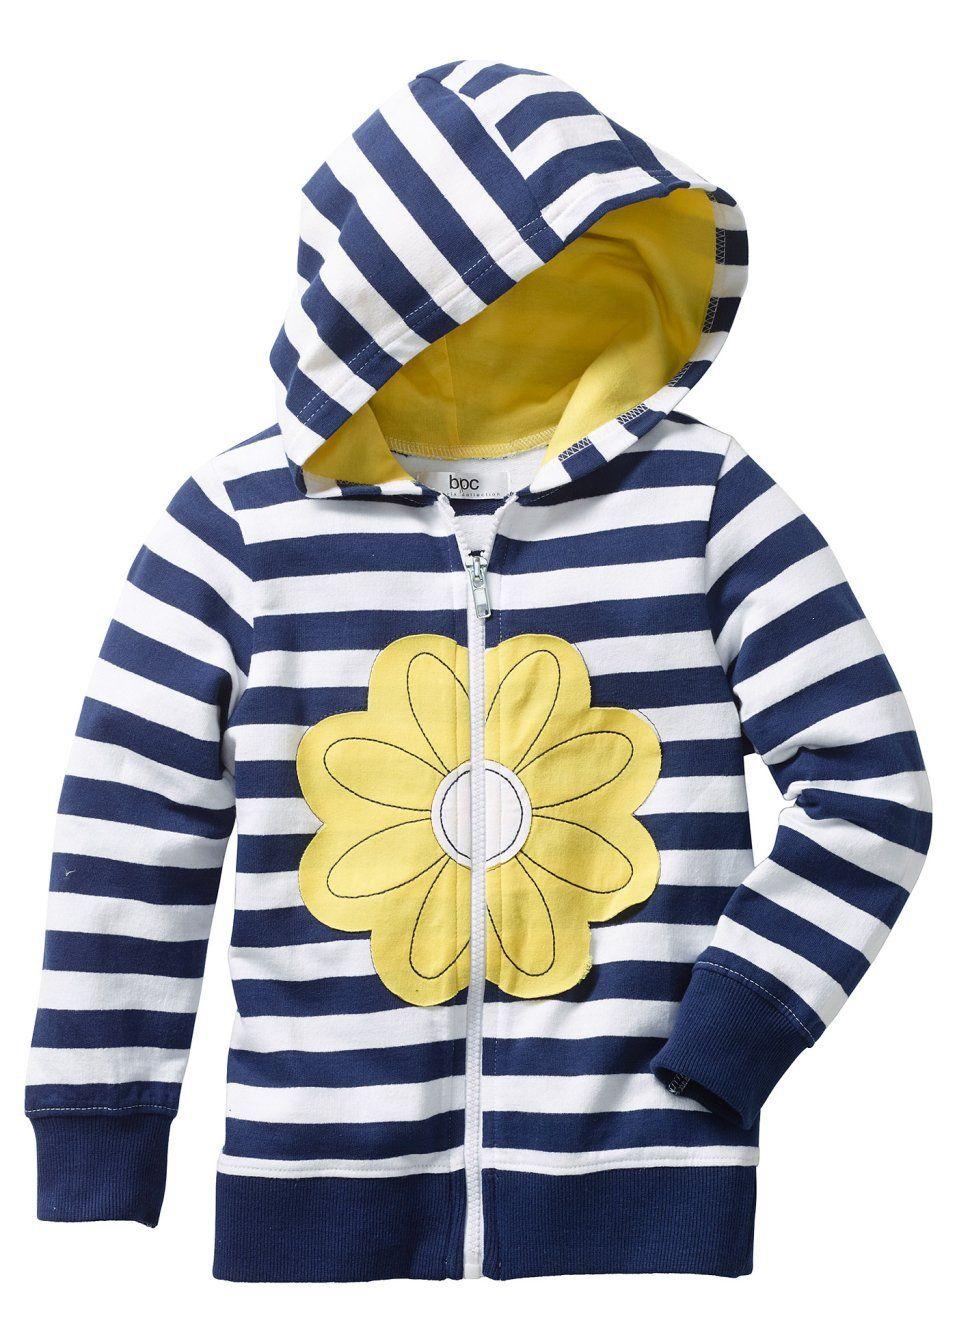 Трикотажная куртка Легкая курточка из • 279.0 грн • Bon prix